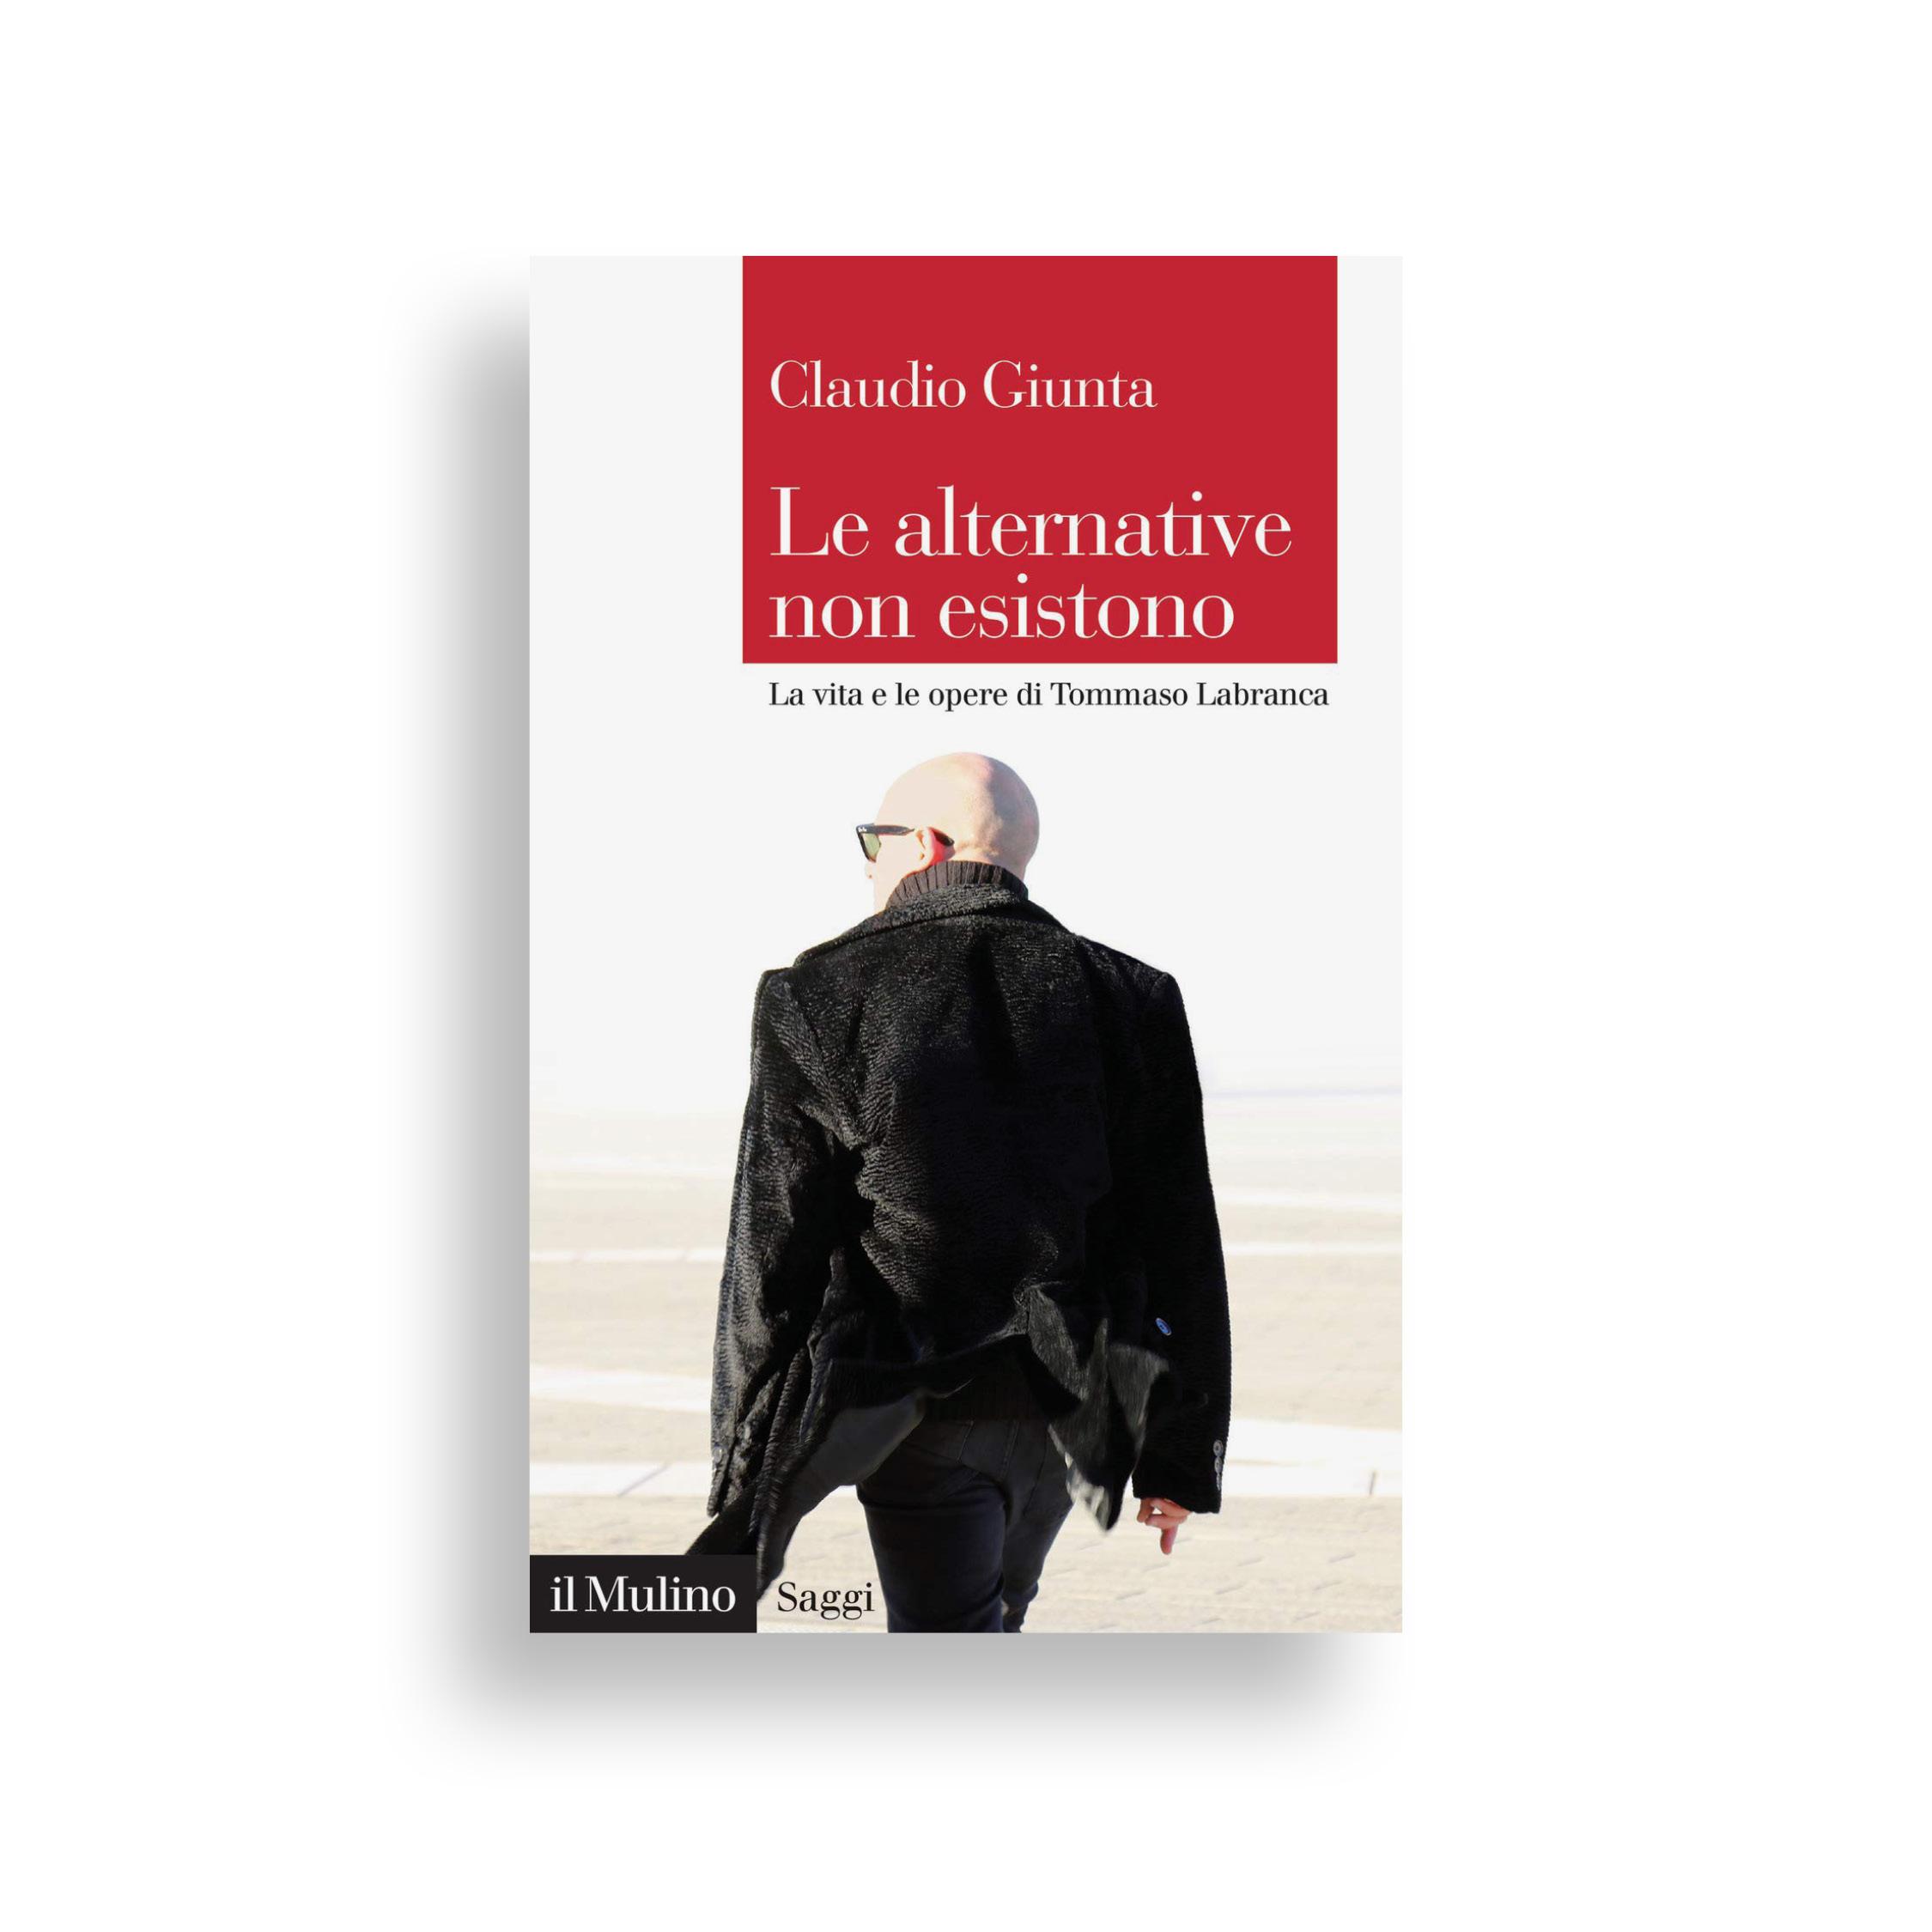 S04_gio24_Libri2020_PIATTO8